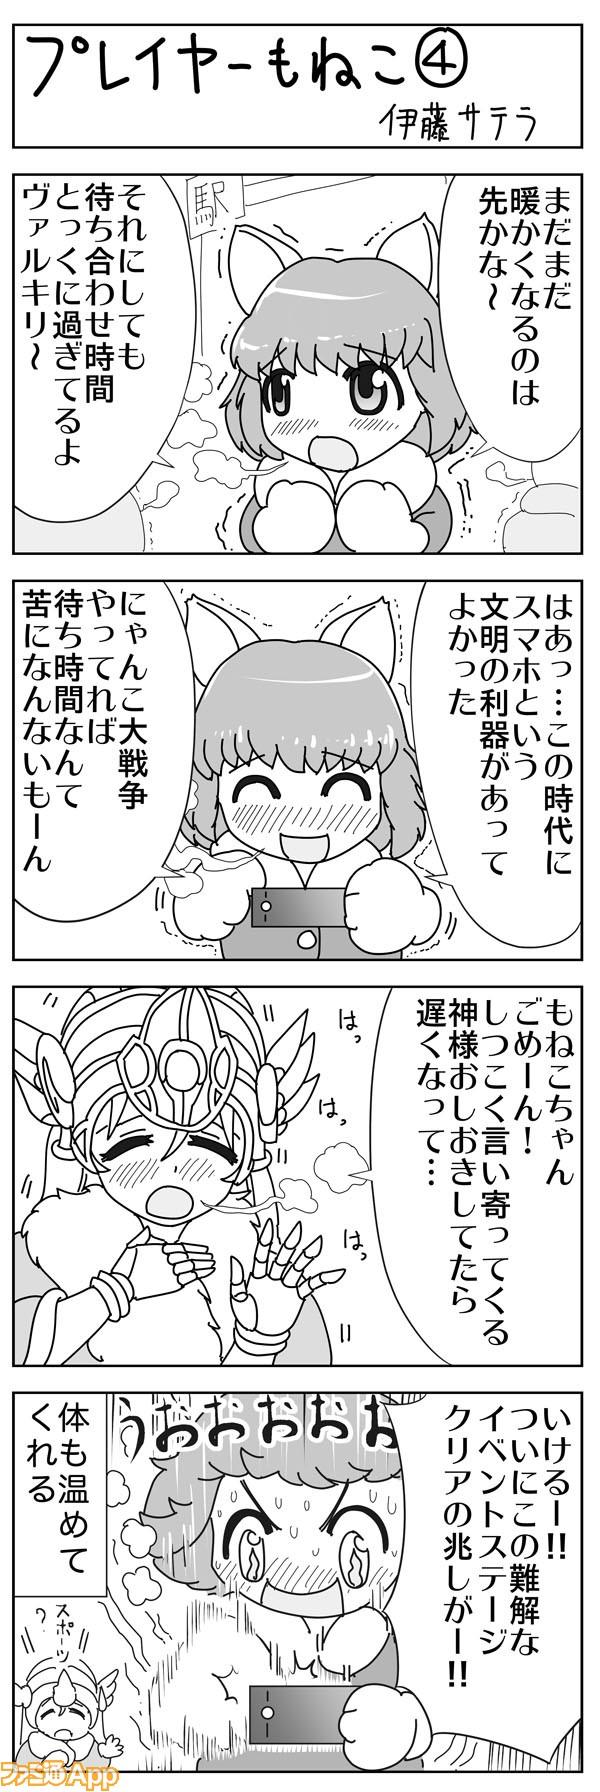 11itou_004